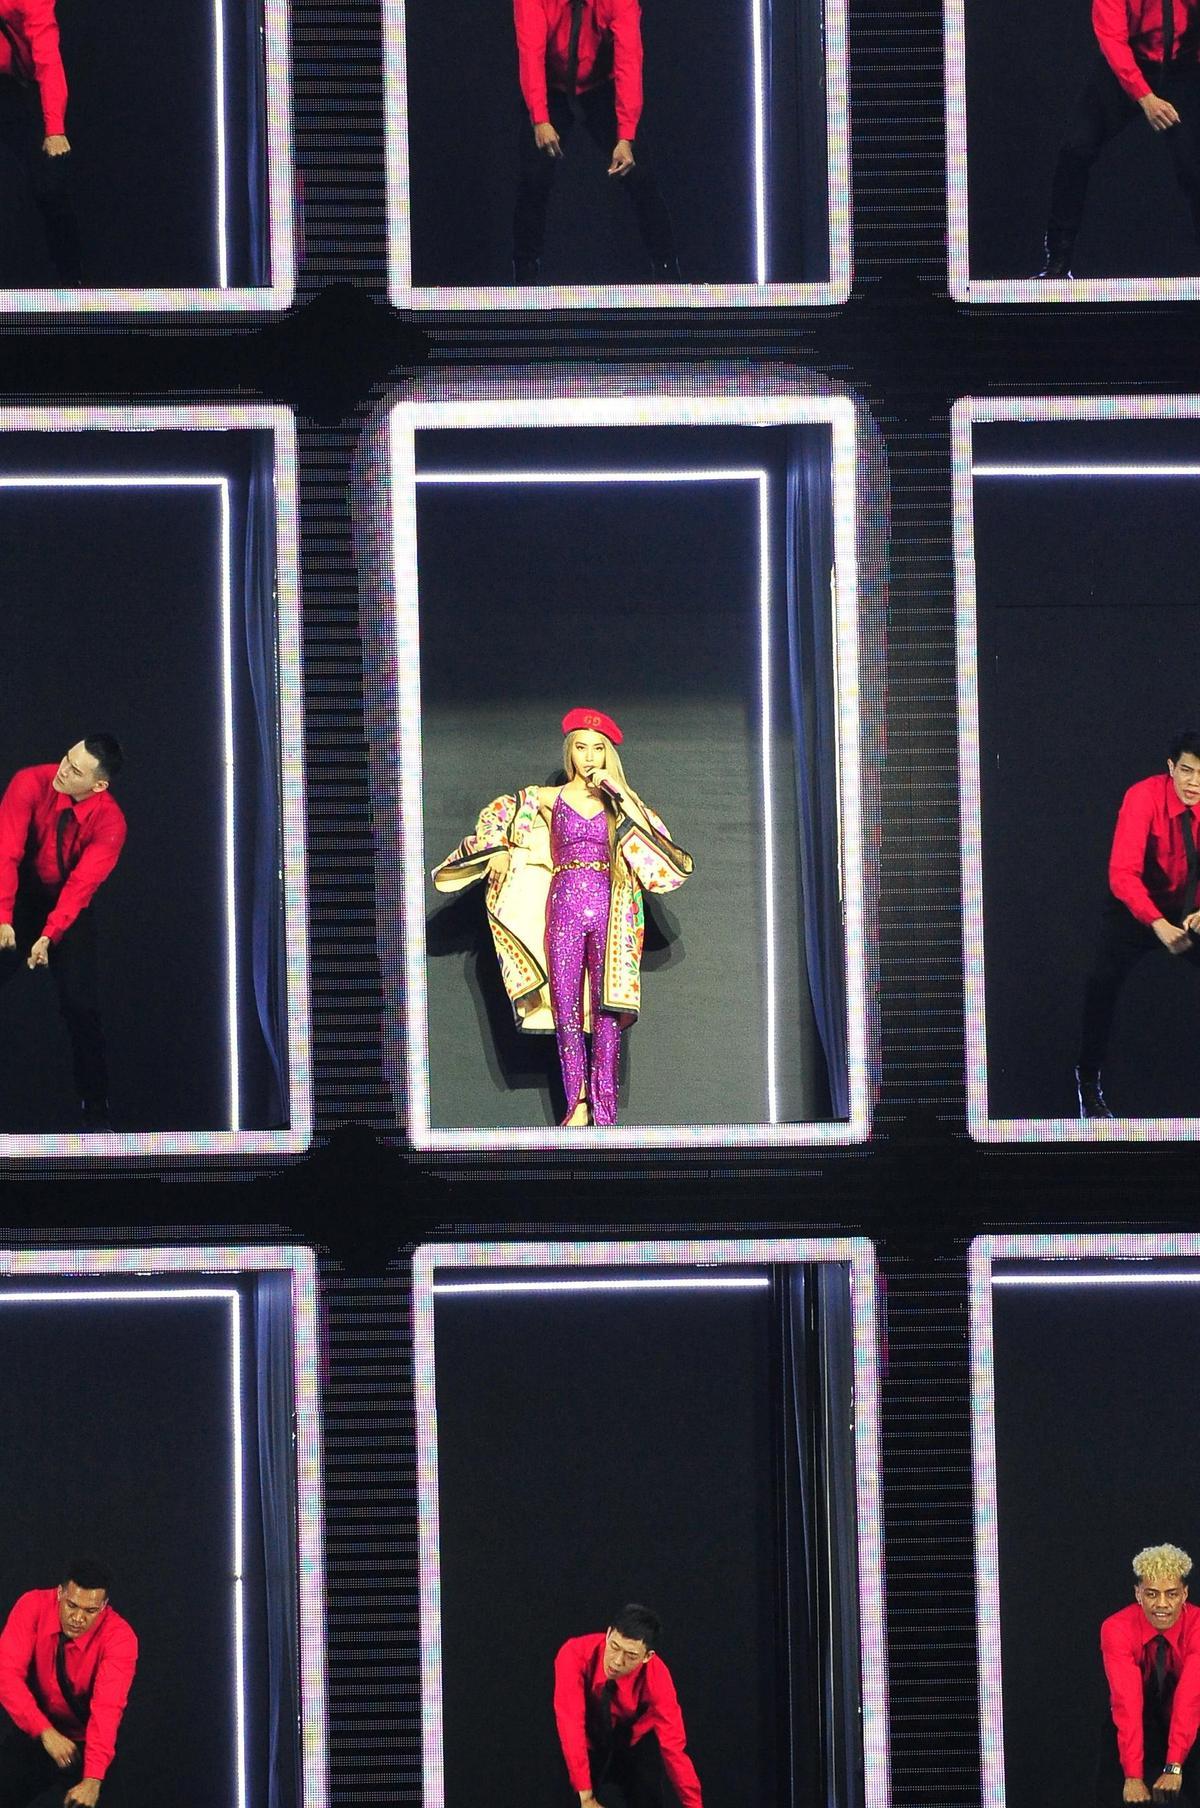 蔡依林與32名舞者站上格子狀舞台,搭配LED動態投影,演唱新歌〈怪美的〉。(台視提供)